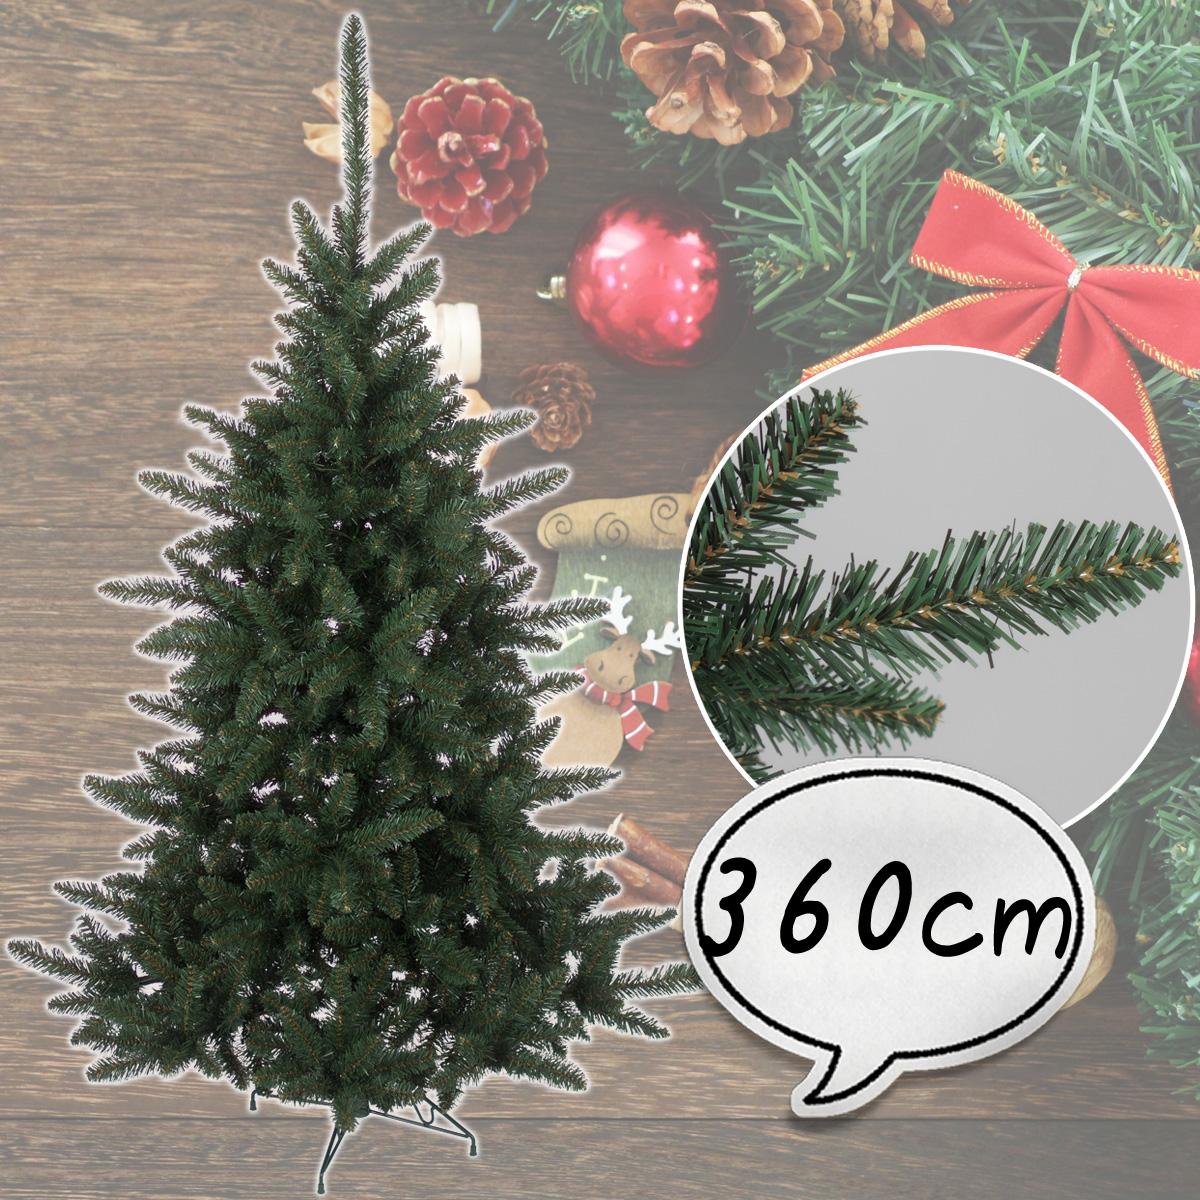 クリスマスツリー 360cm [ツリー 木 単品 ] ロイヤルモントレーツリー 大型ツリー 業務用 北欧 おしゃれ 【10月中旬入荷予定】